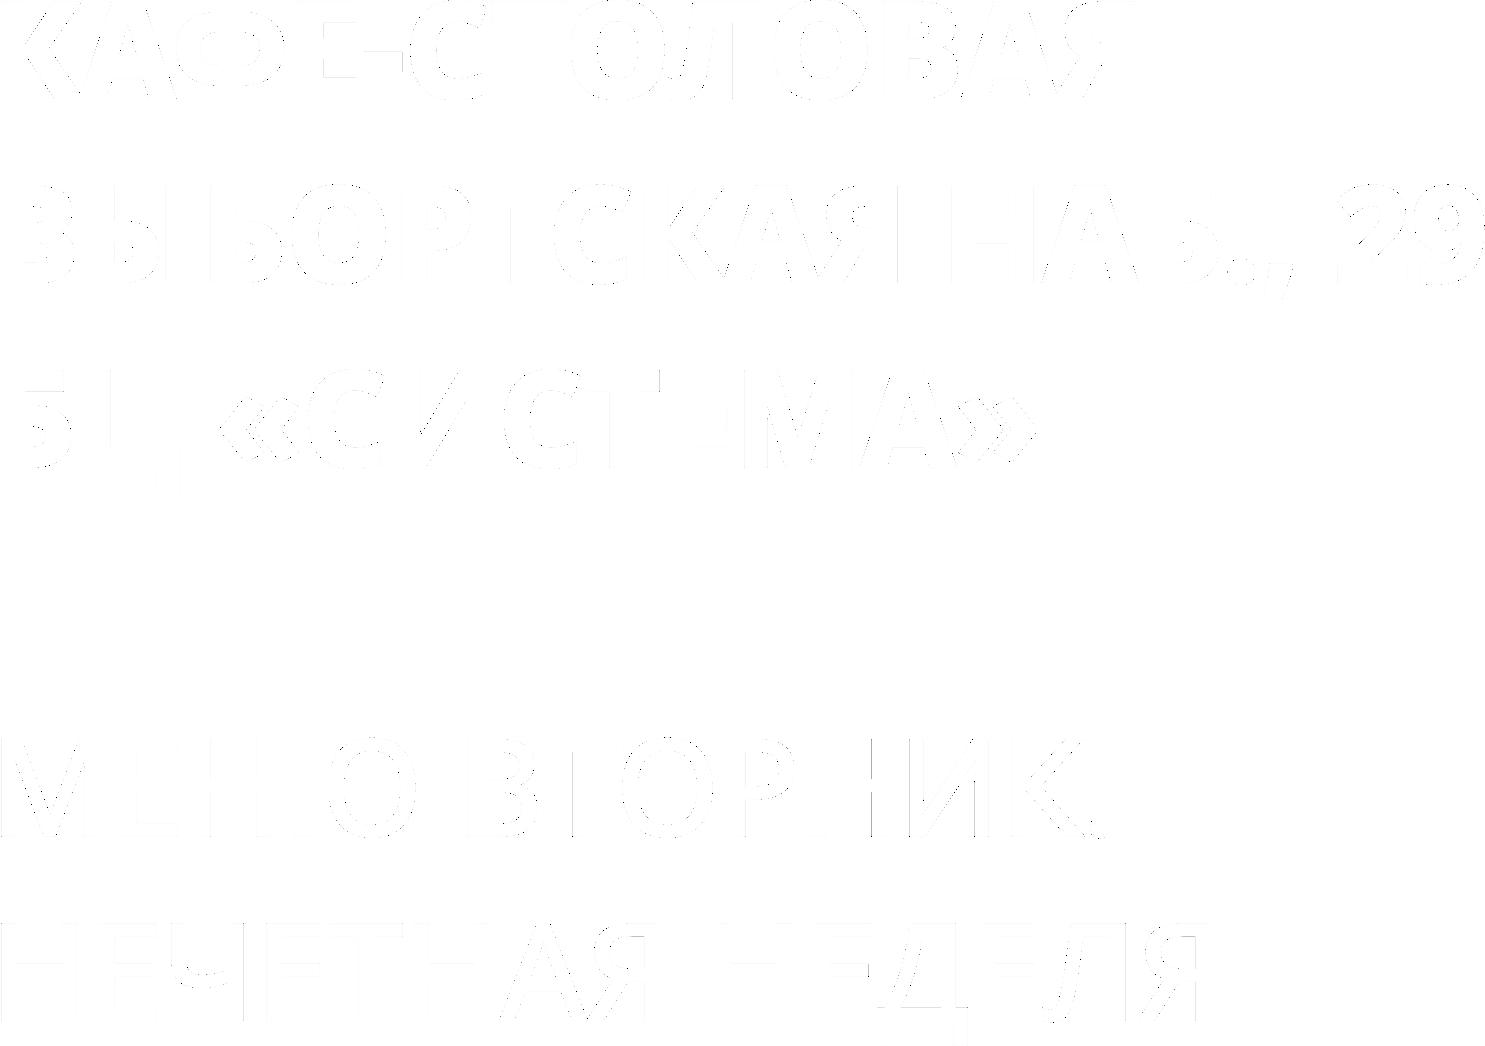 """КАФЕ-СТОЛОВАЯ БЦ """"СИСТЕМА"""" Выборгская наб., 29 МЕНЮ ВТОРНИК. НЕЧЕТНАЯ НЕДЕЛЯ"""